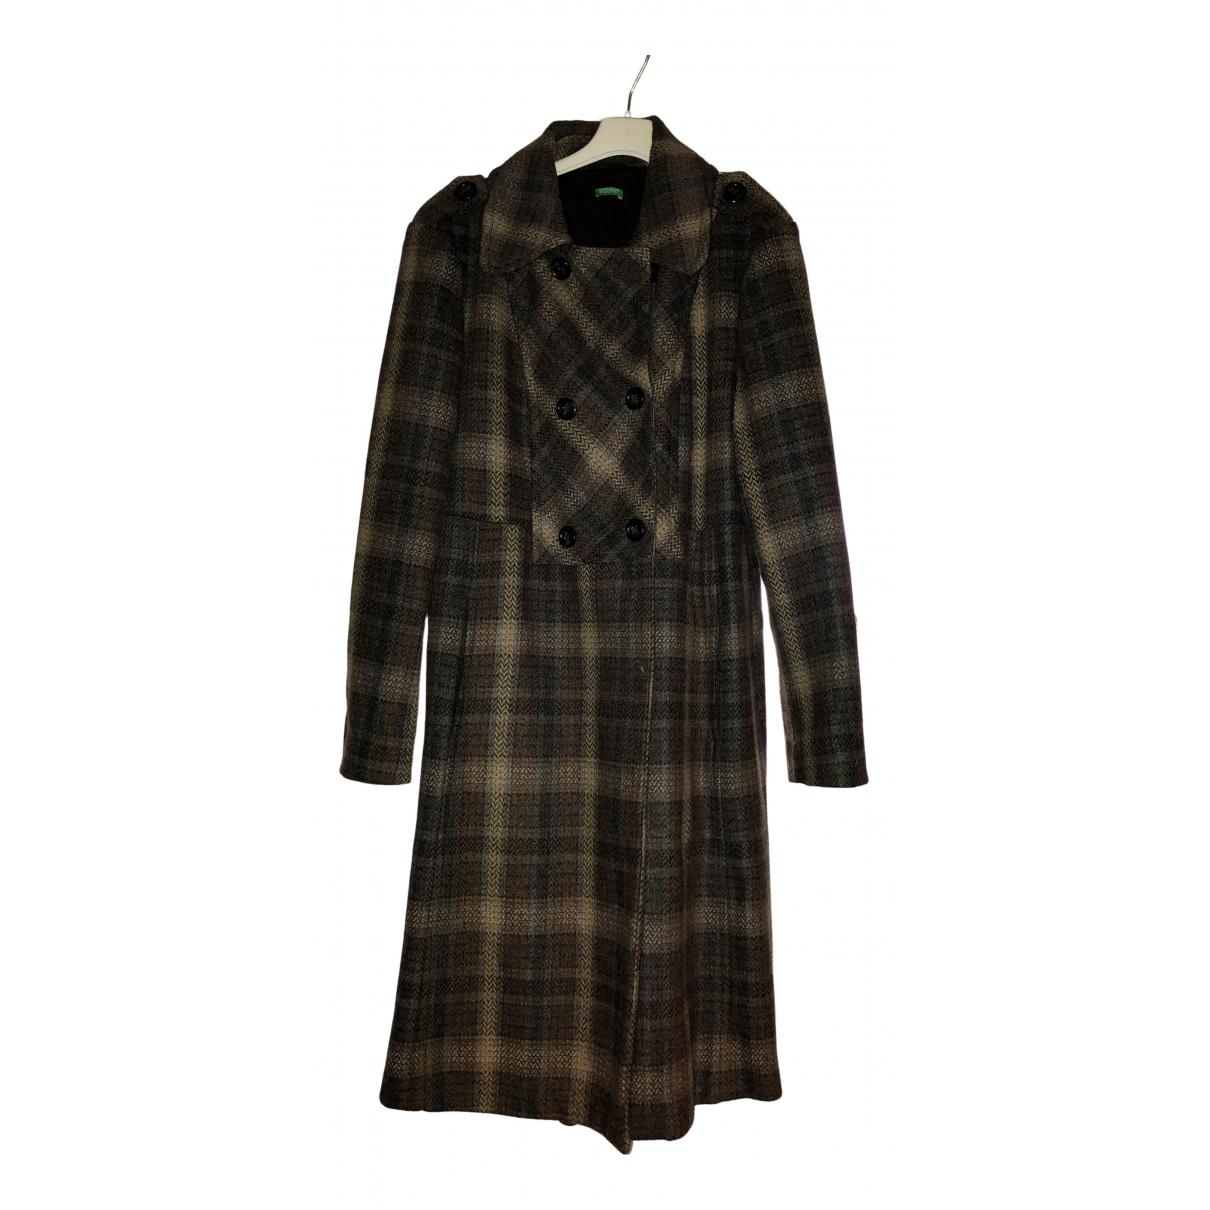 Benetton - Manteau   pour femme en laine - marron